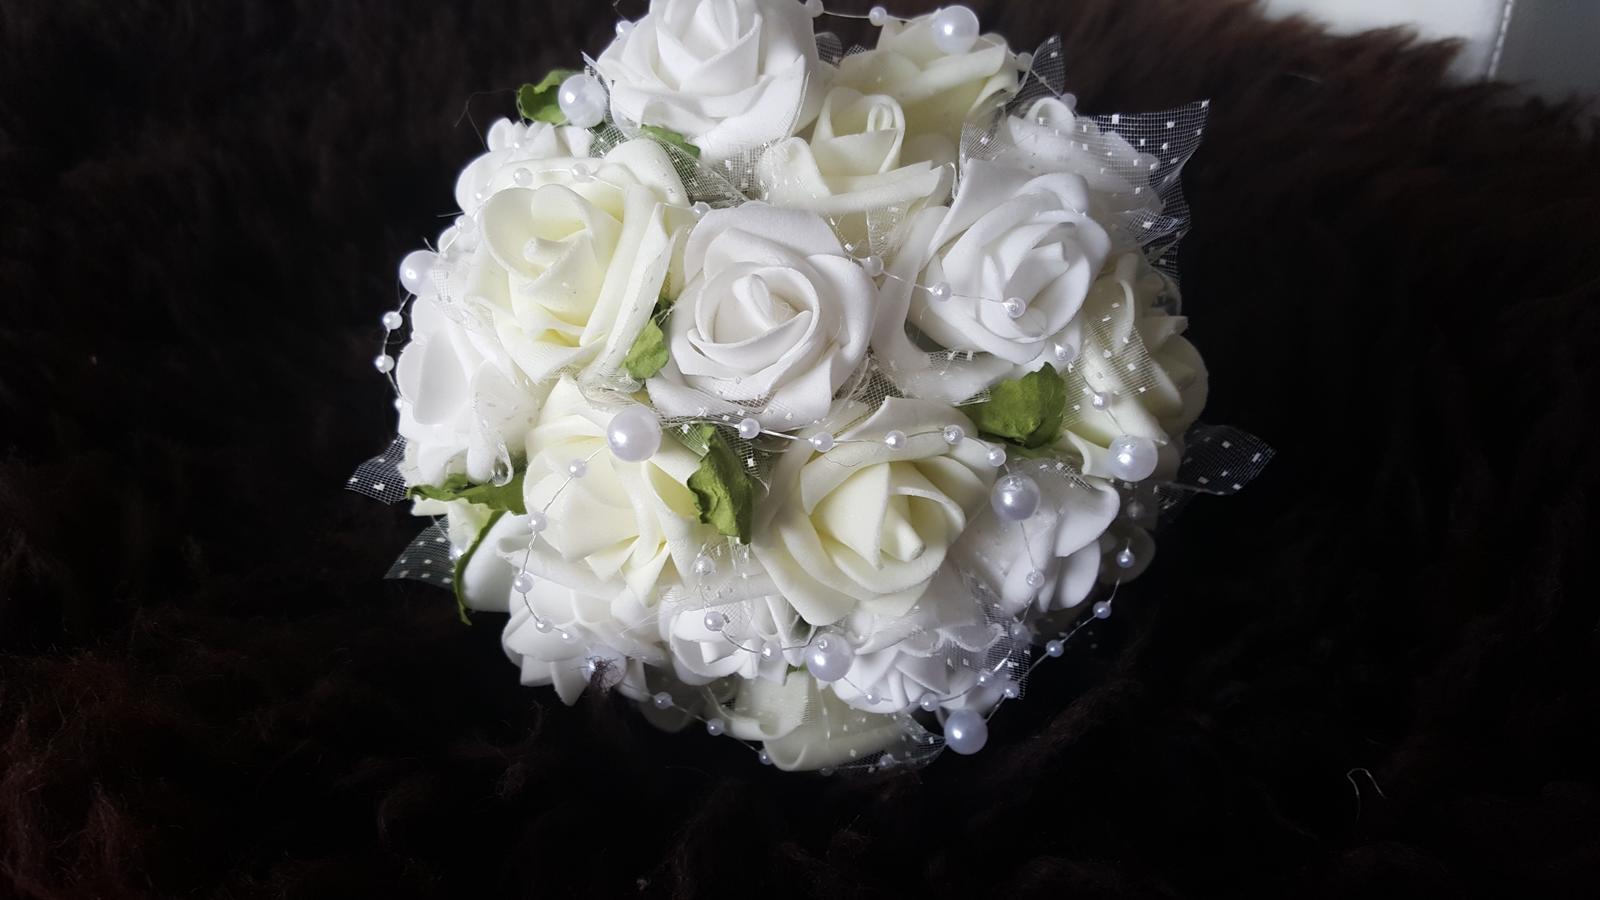 Svadobná kytica 💐 - Obrázok č. 3